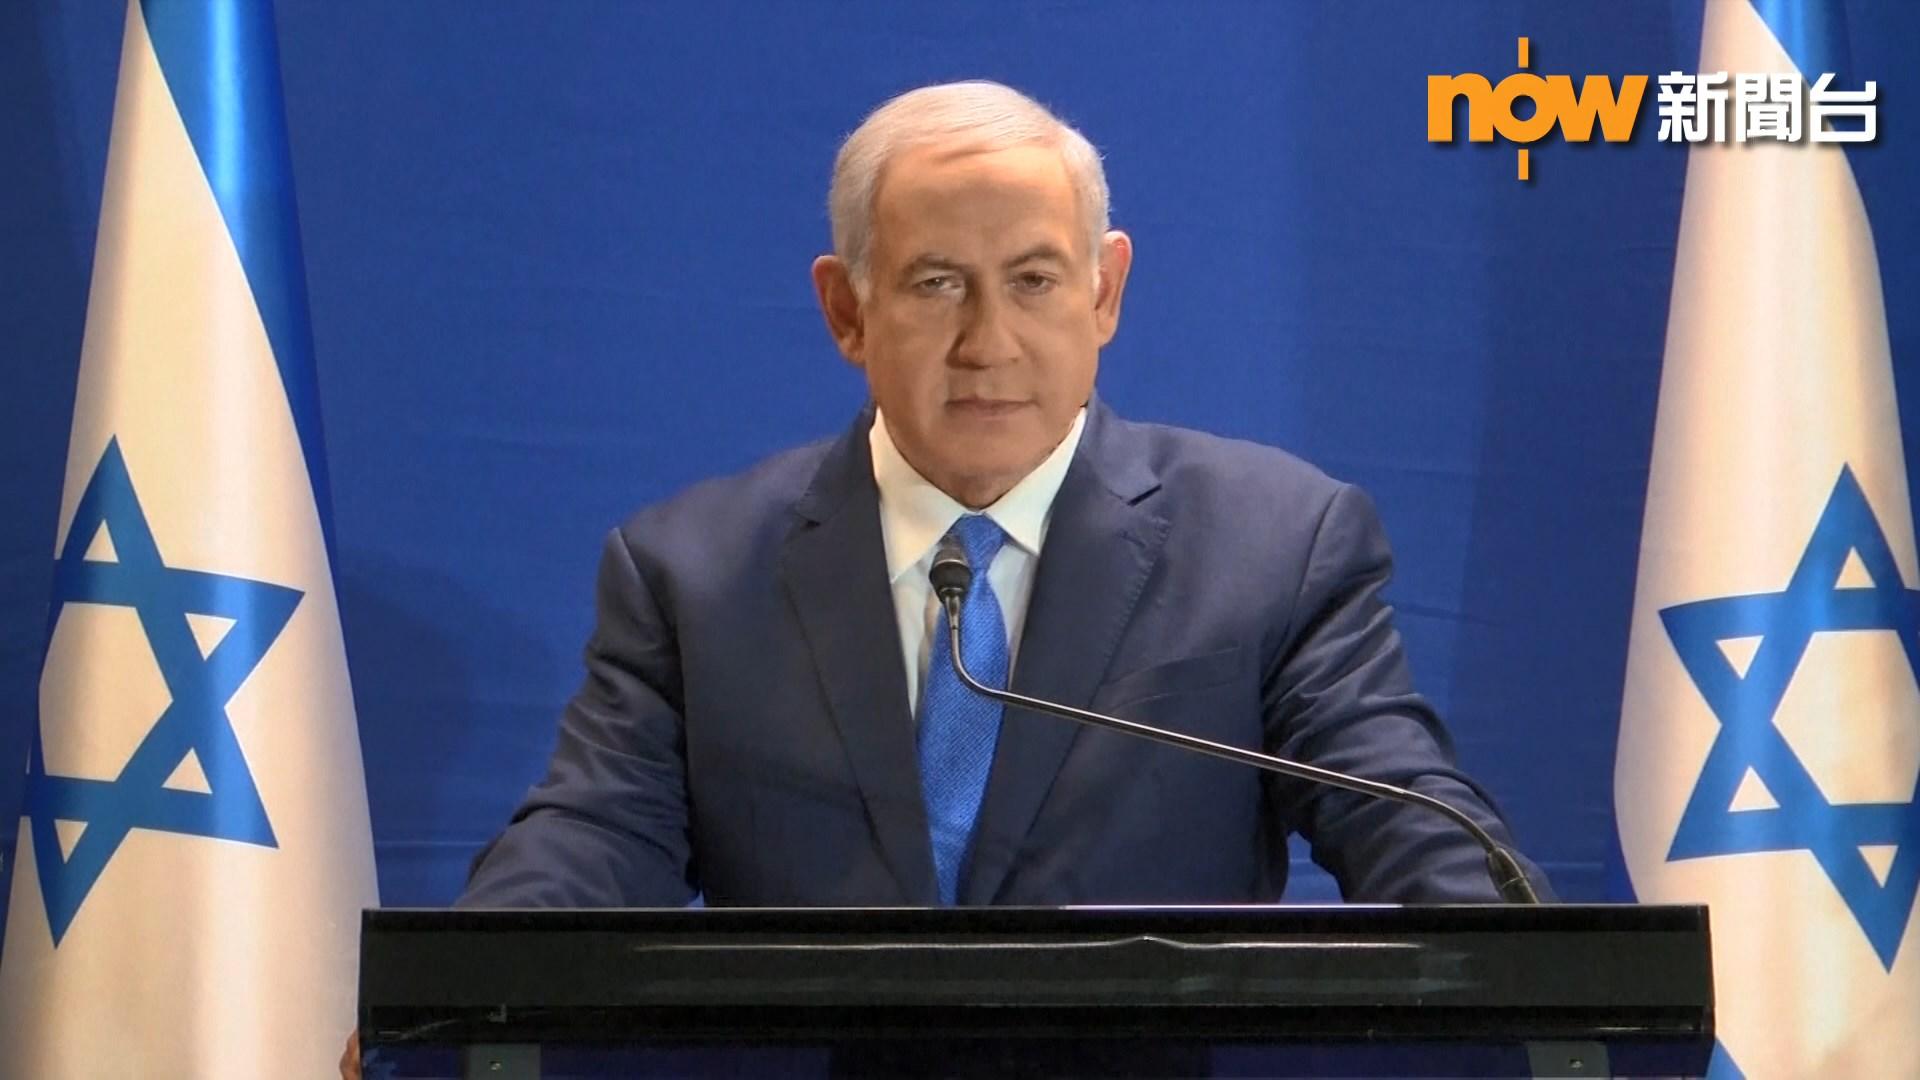 以色列總理內塔尼亞胡選情出現變數